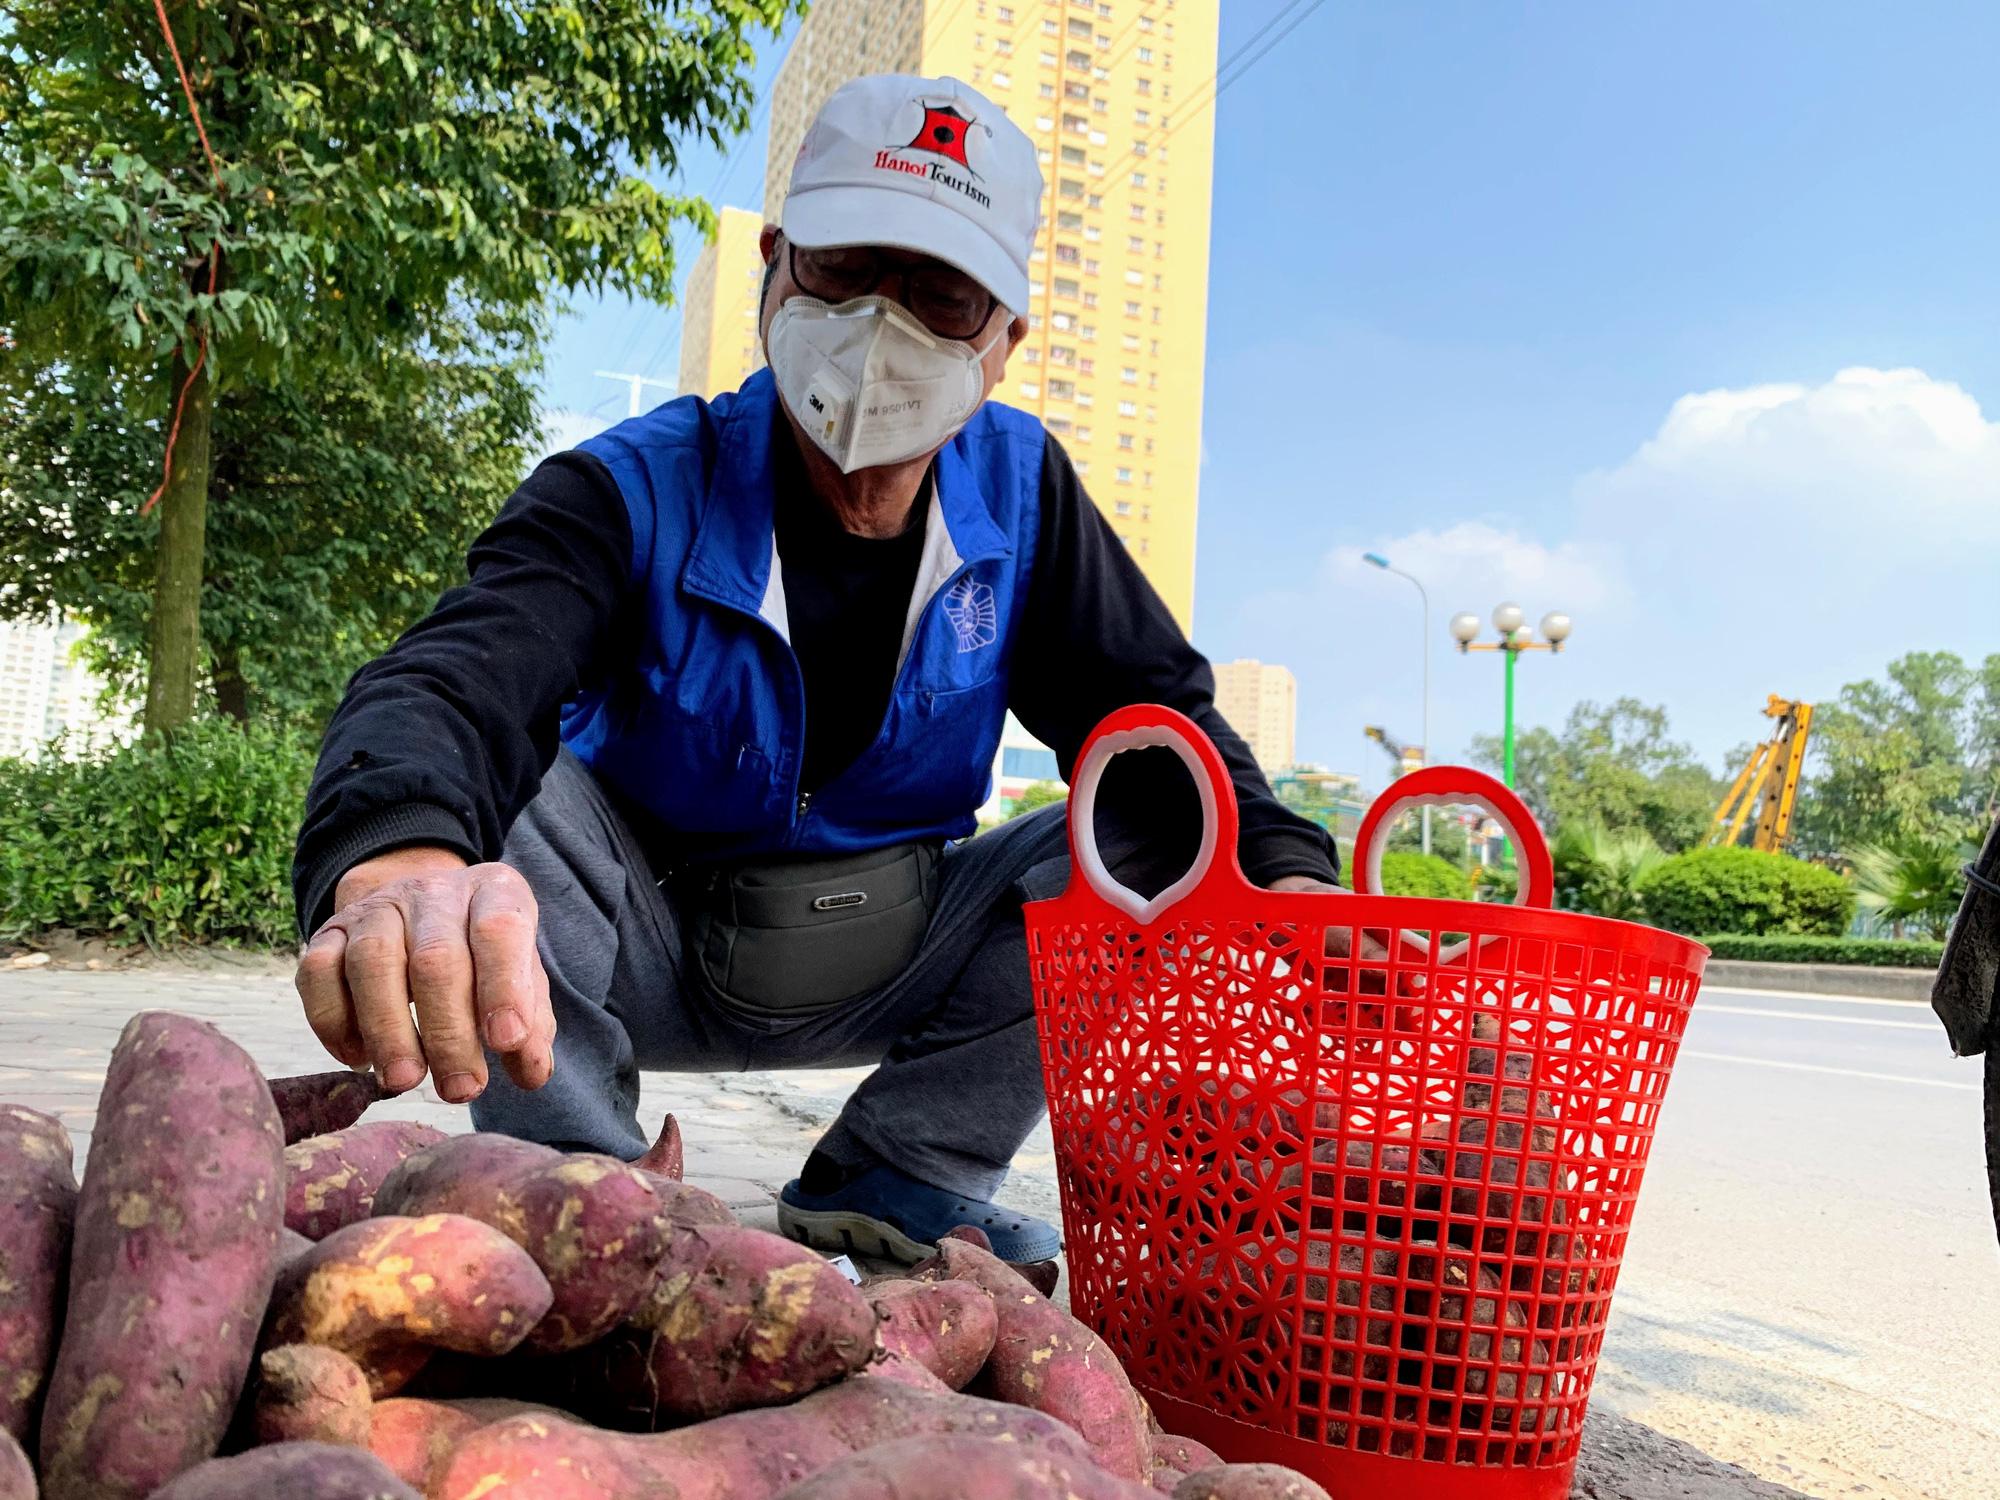 Hàng trăm tấn khoai lang nằm dài trên đường phố Hà Nội chờ 'giải cứu' - Ảnh 7.